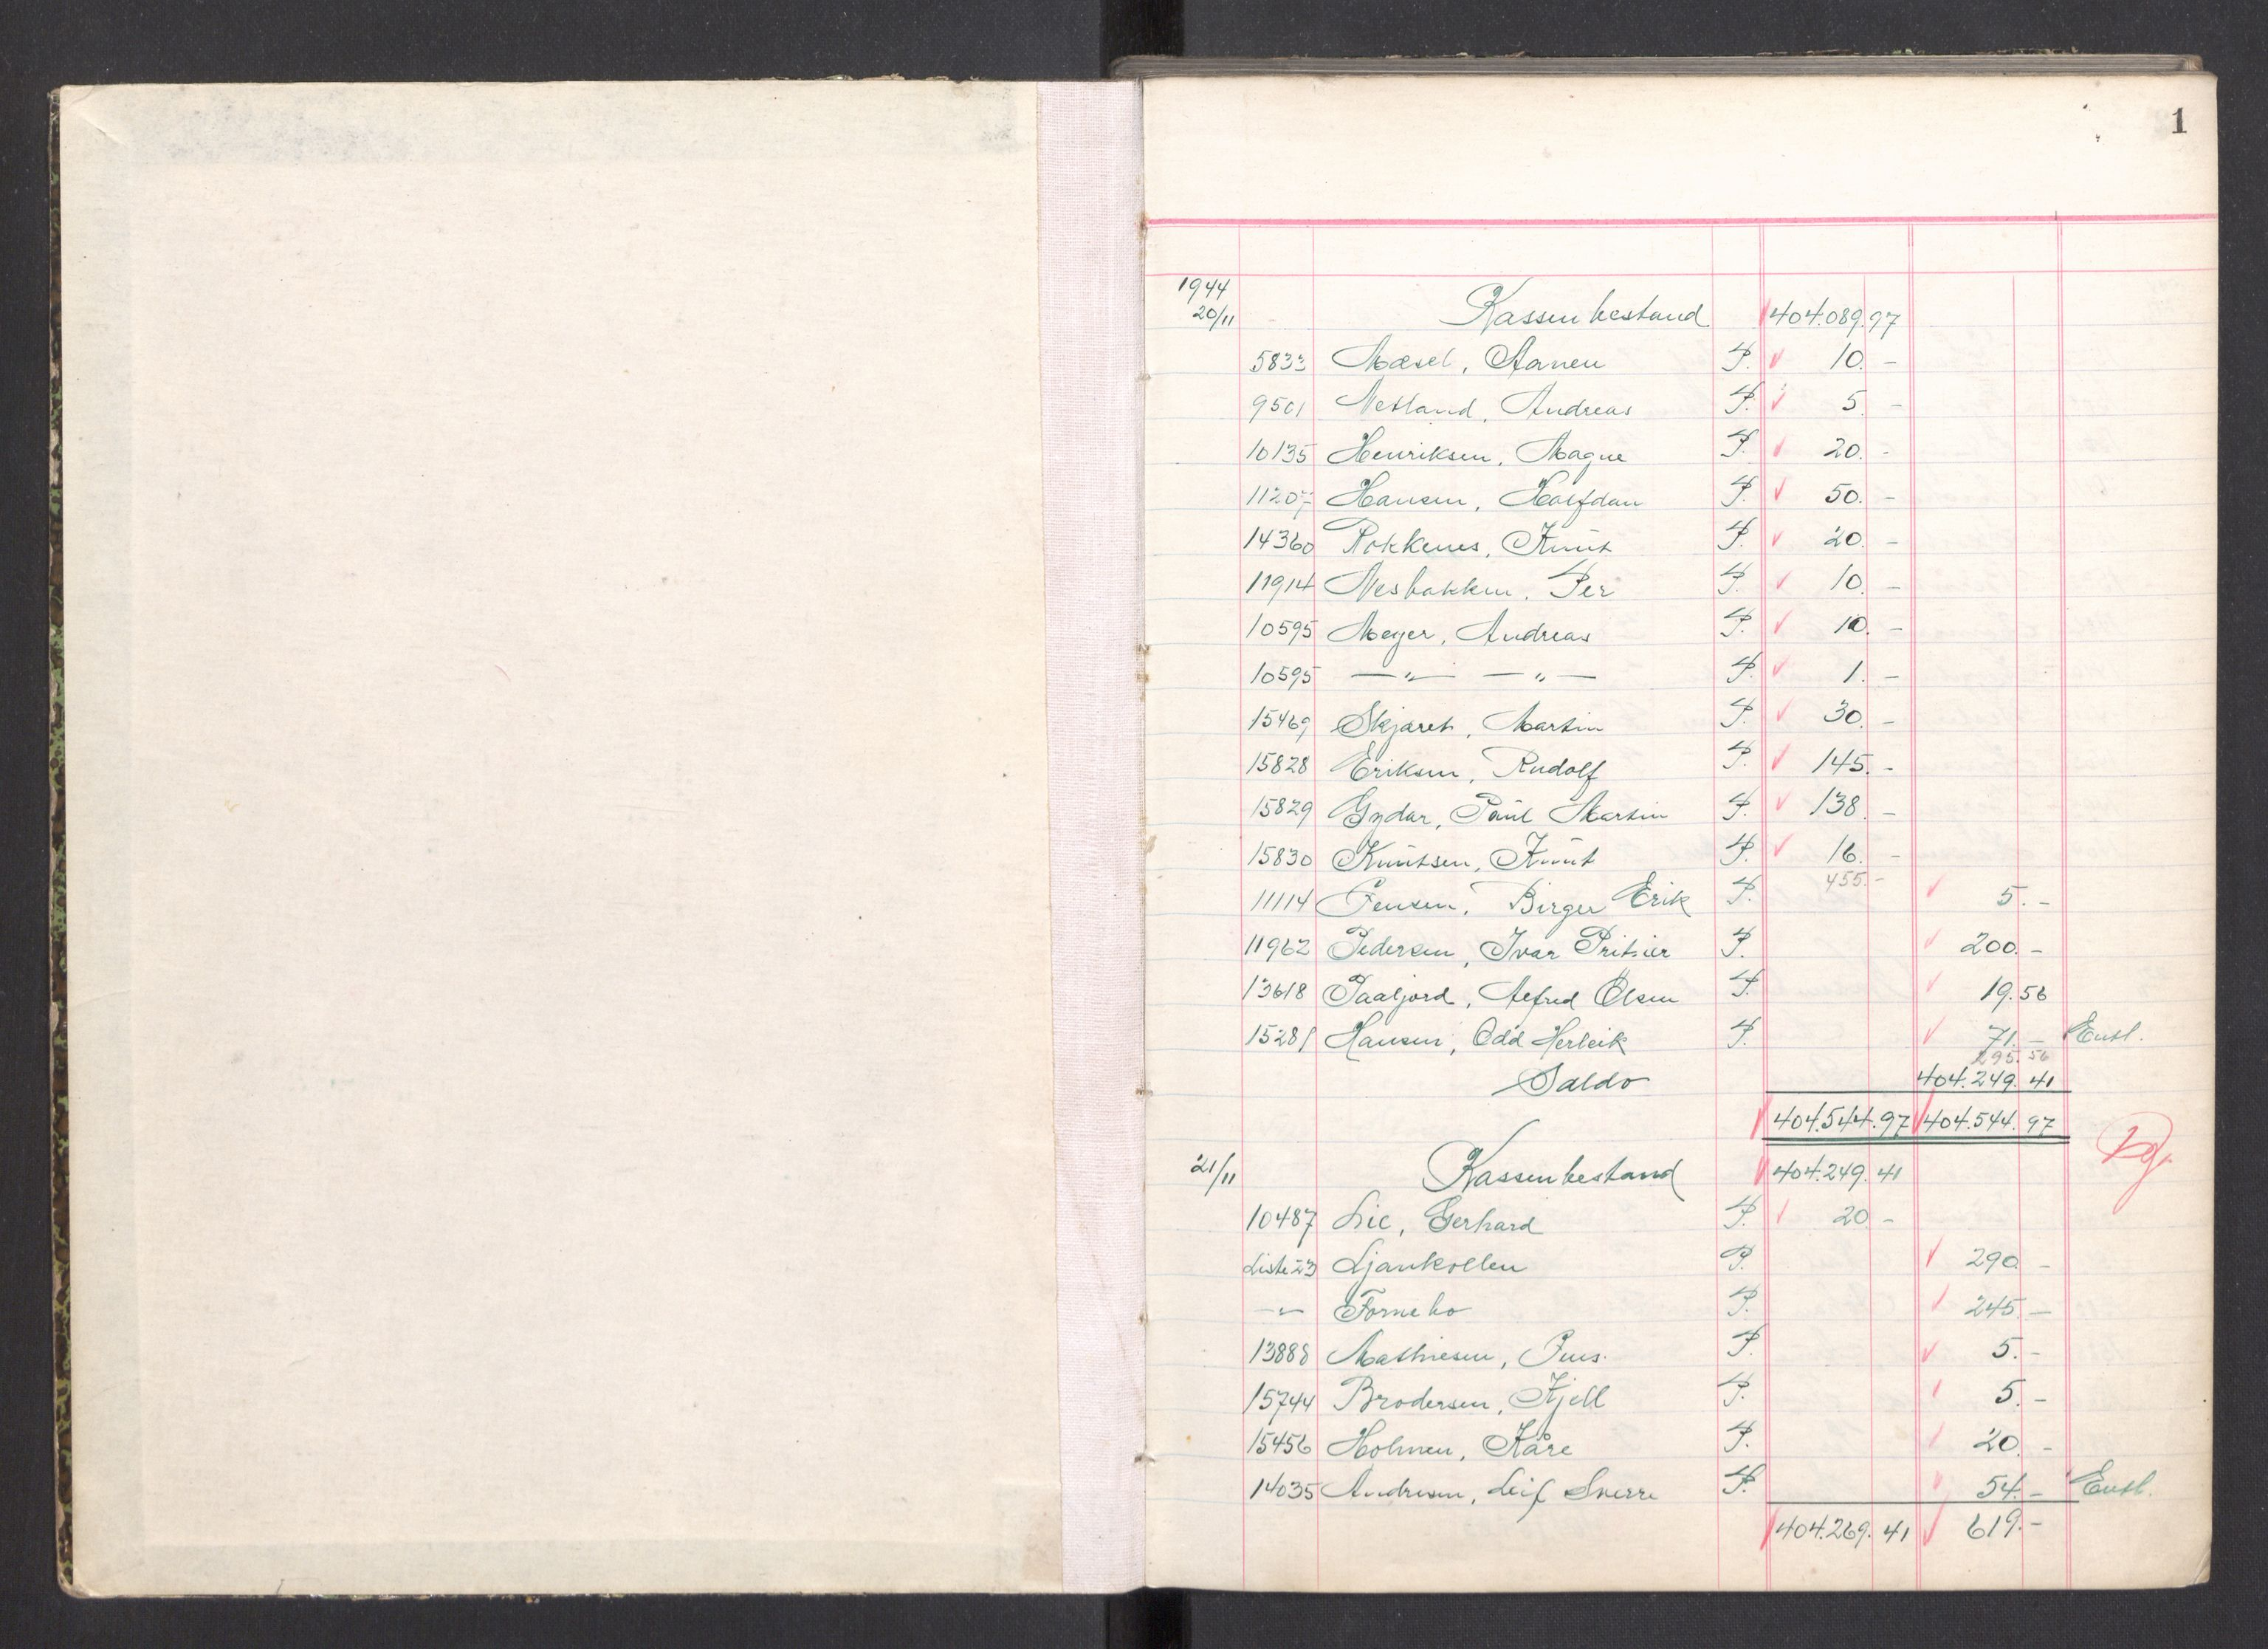 RA, Befehlshaber der Sicherheitspolizei und des SD, F/Fa/Faa/L0026: Kassenbuch. Oversikt over kontanter avlevert av fangene , 1944-1945